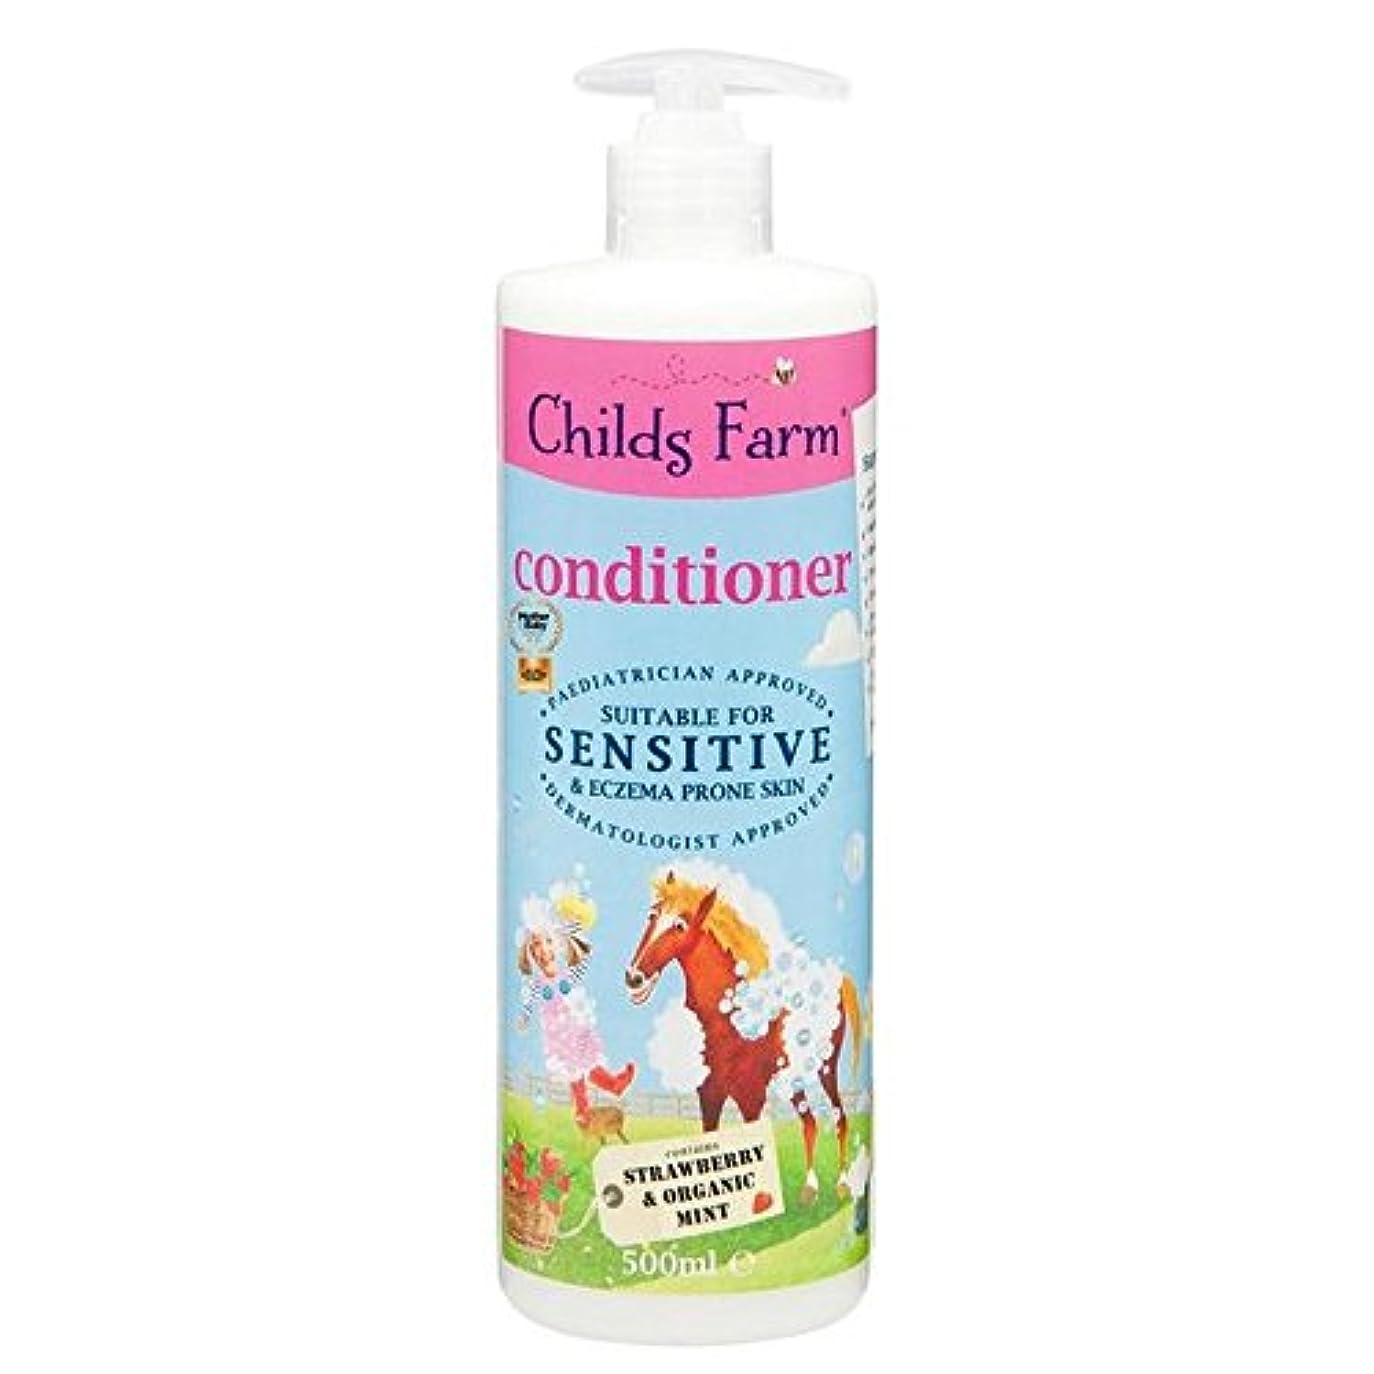 九時四十五分怖い繊毛Childs Farm Conditioner for Unruly Hair 500ml (Pack of 6) - 手に負えない髪の500ミリリットルのためのチャイルズファームコンディショナー x6 [並行輸入品]